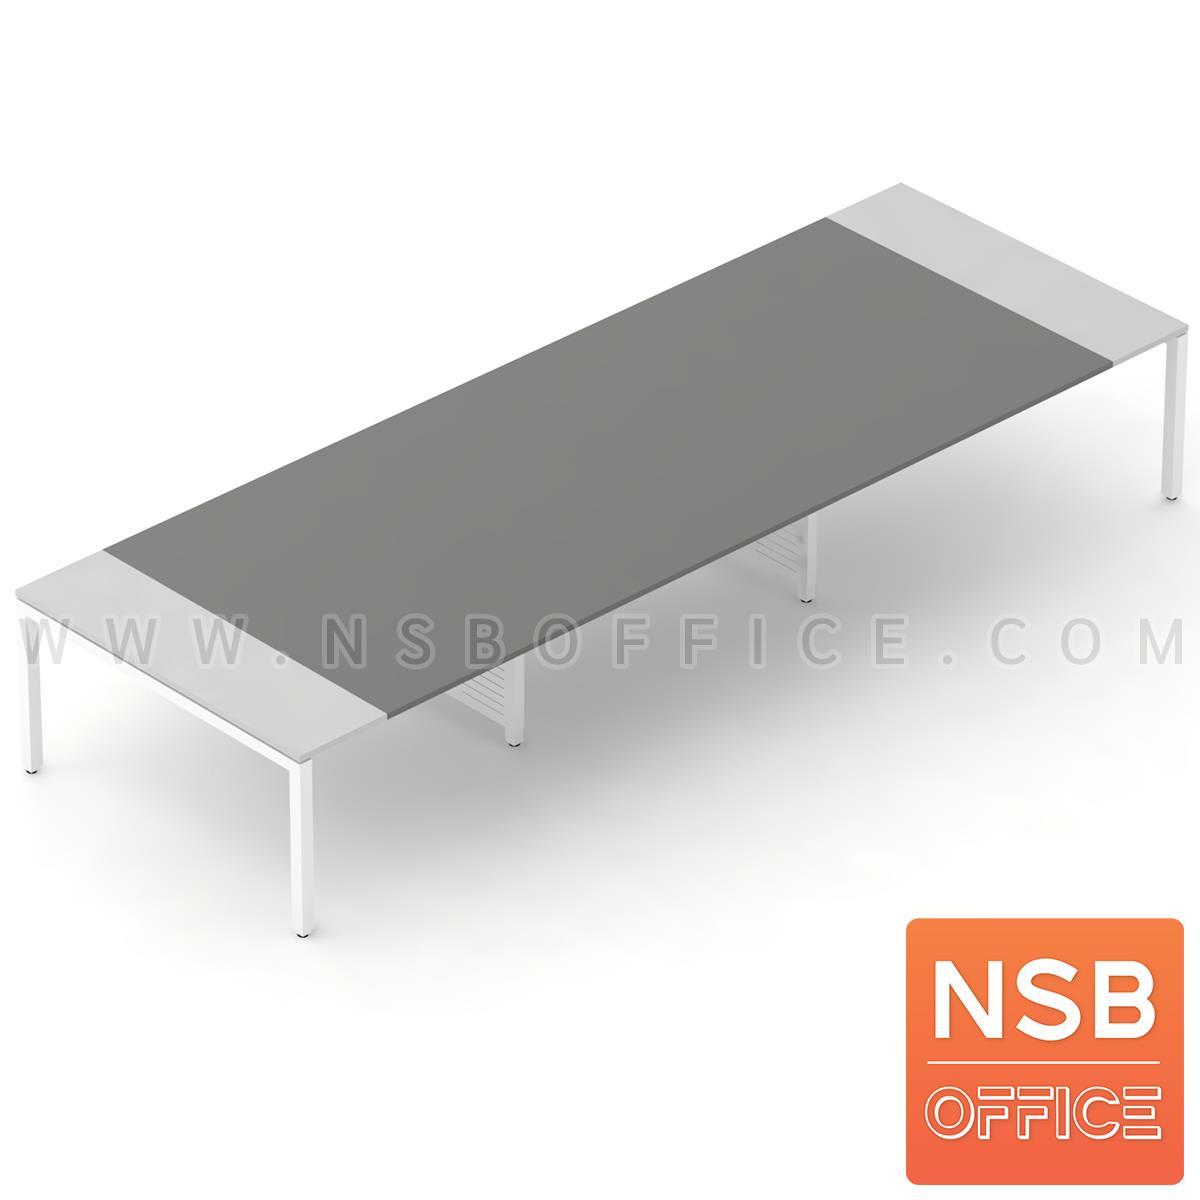 A05A087:โต๊ะประชุมทรงสี่เหลี่ยม 180D cm. รุ่น CONNEXX-081   ขากลางมีกล่องร้อยสายไฟ